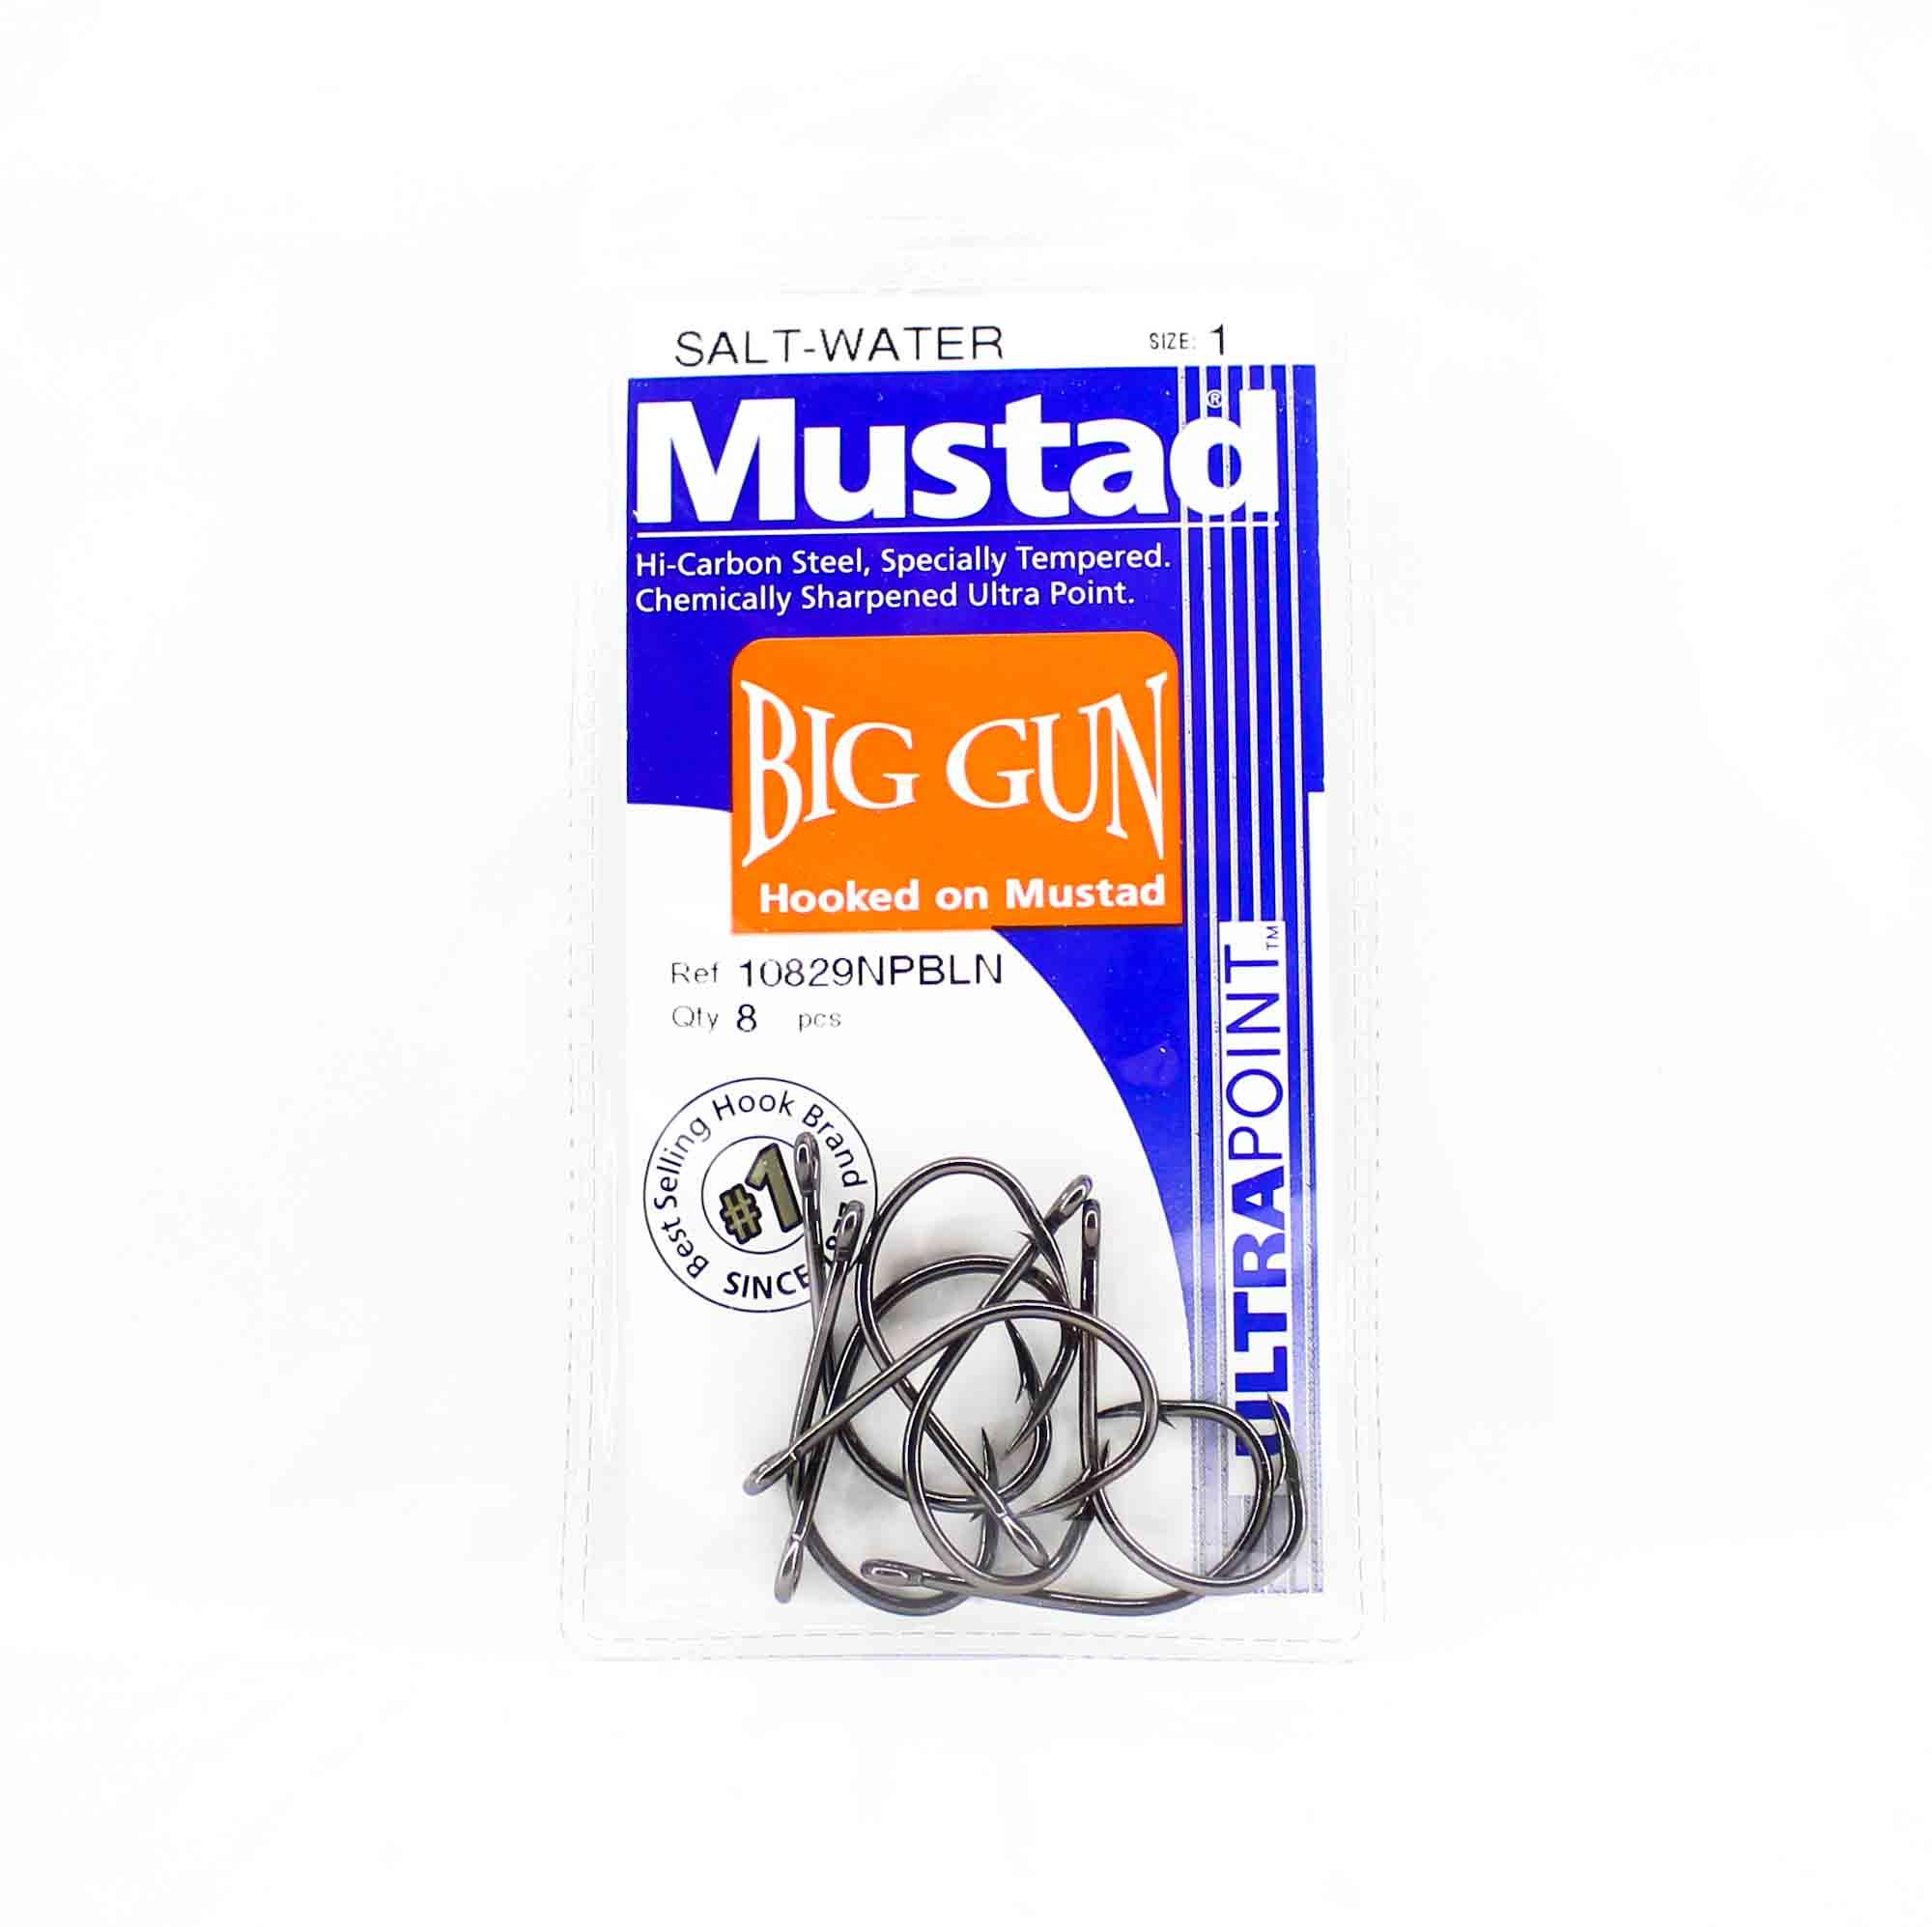 Mustad 10829NP-BN-1-A08 Big Gun Ultra Point Hooks Size 1 (1705)